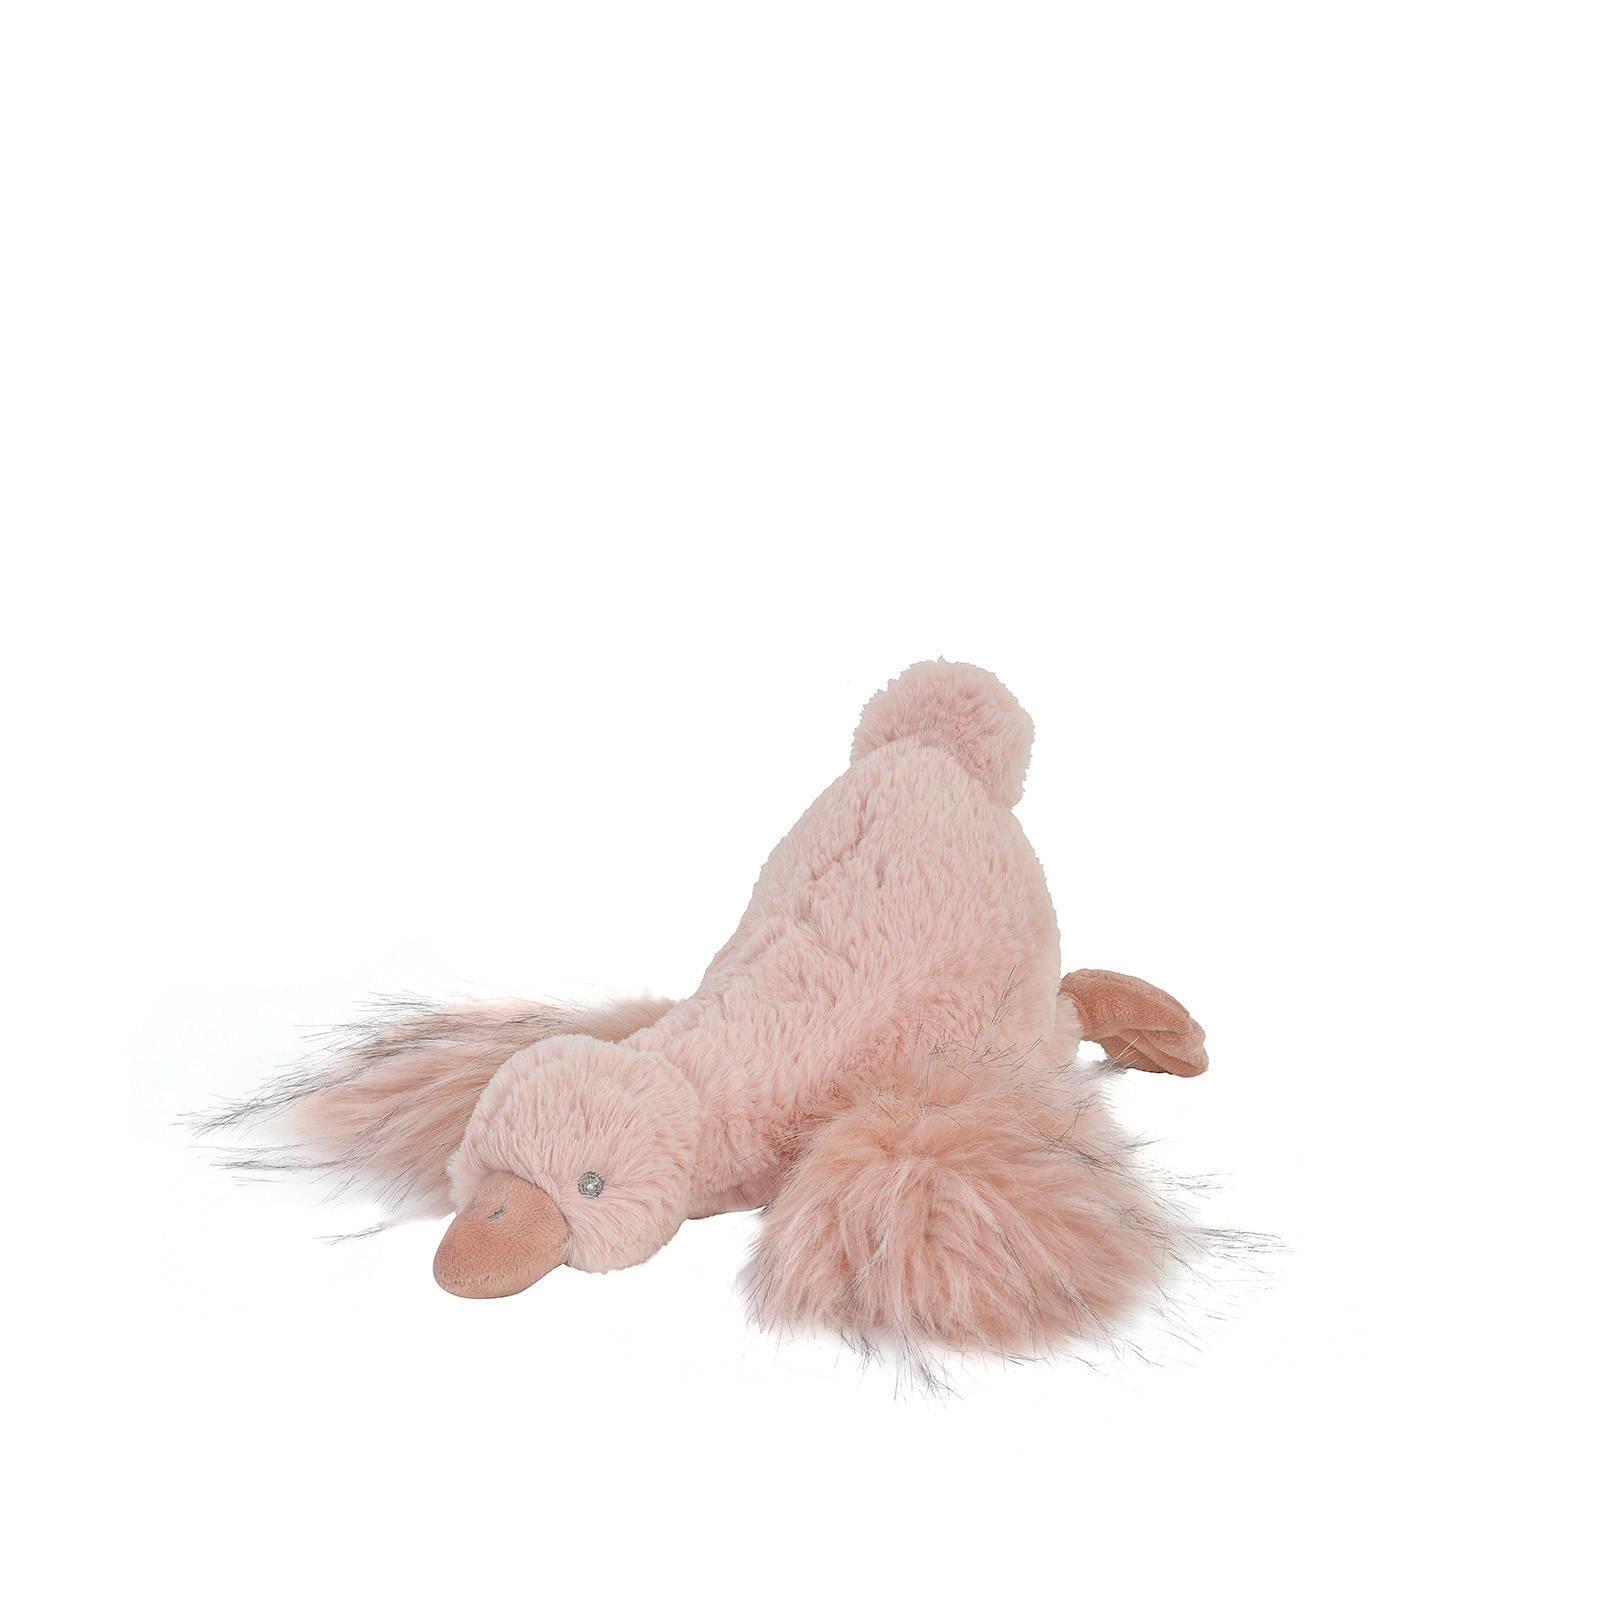 Plüsch Gans Stofftier Kuscheltier rosa 25 cm